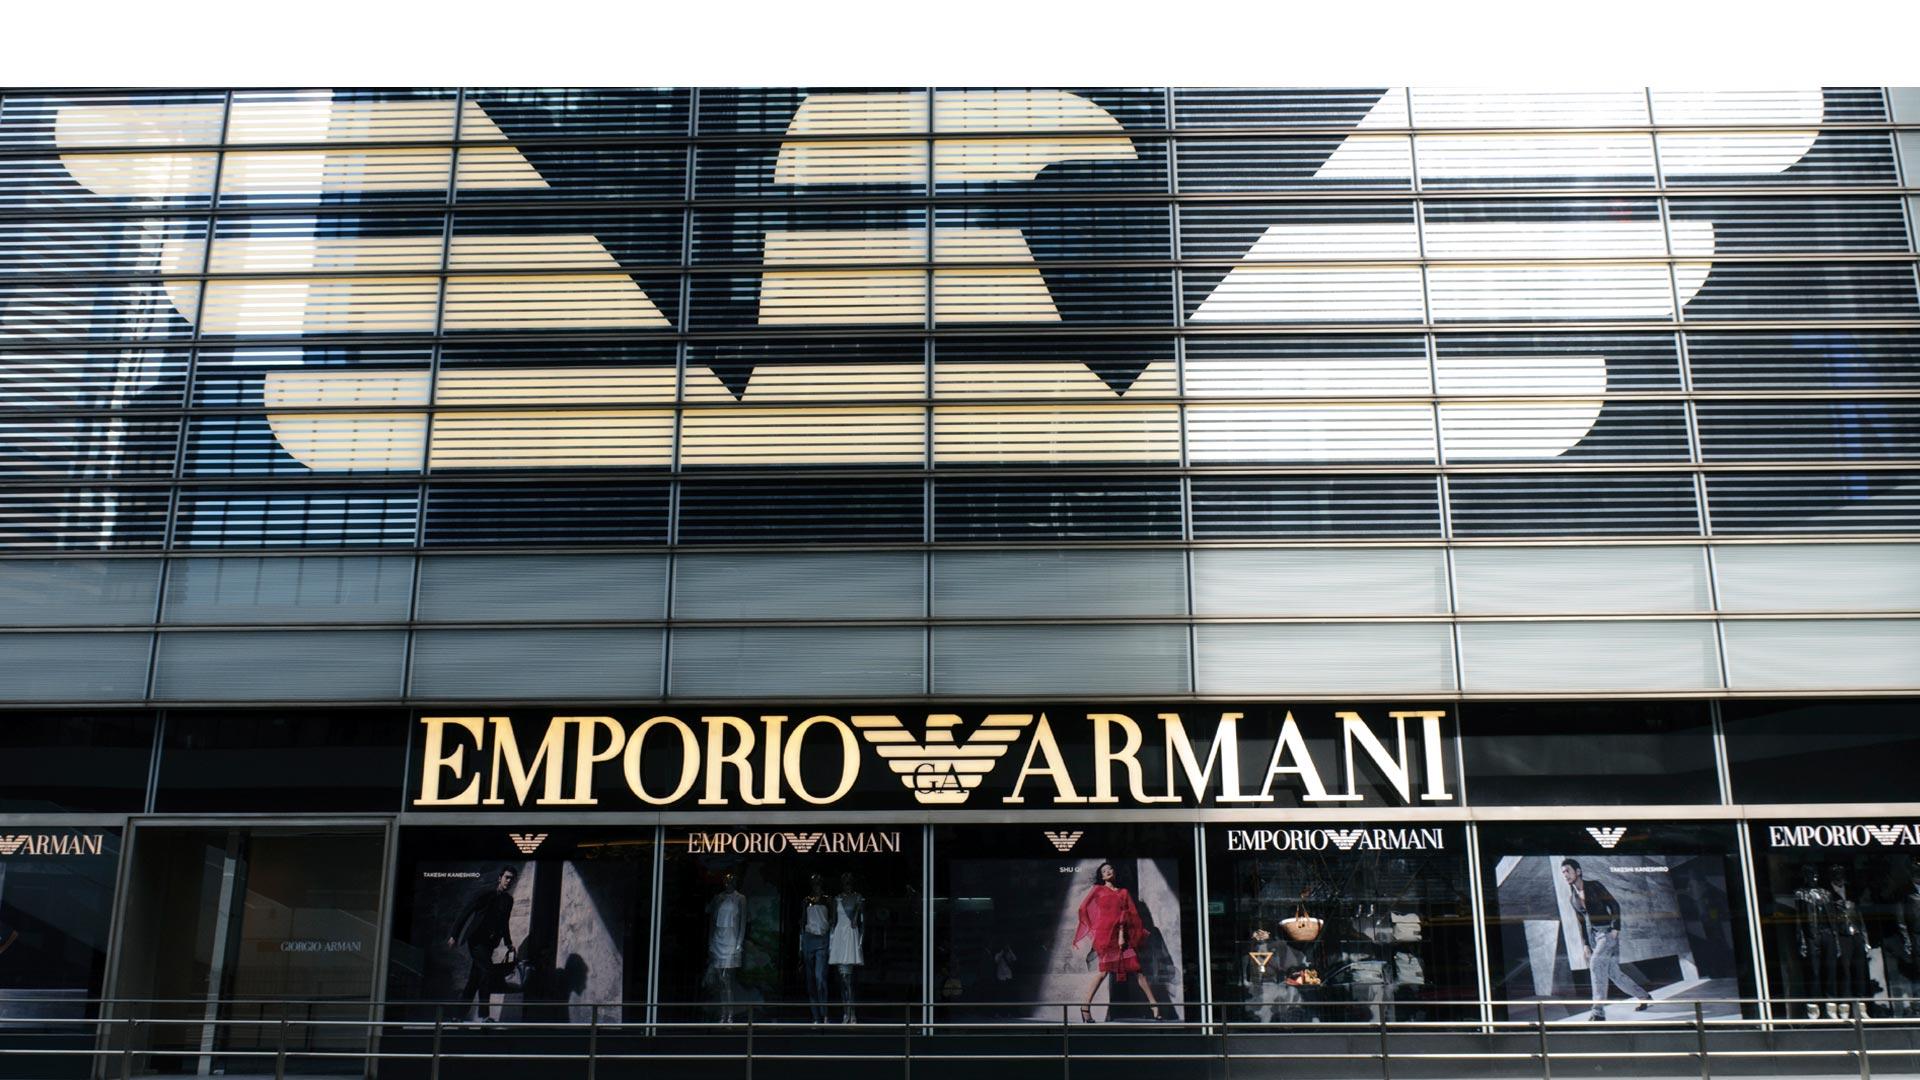 Emporio Armani lanzó una aplicación donde encontrarás performances especiales y playlists que crearon varios músicos reconocidos